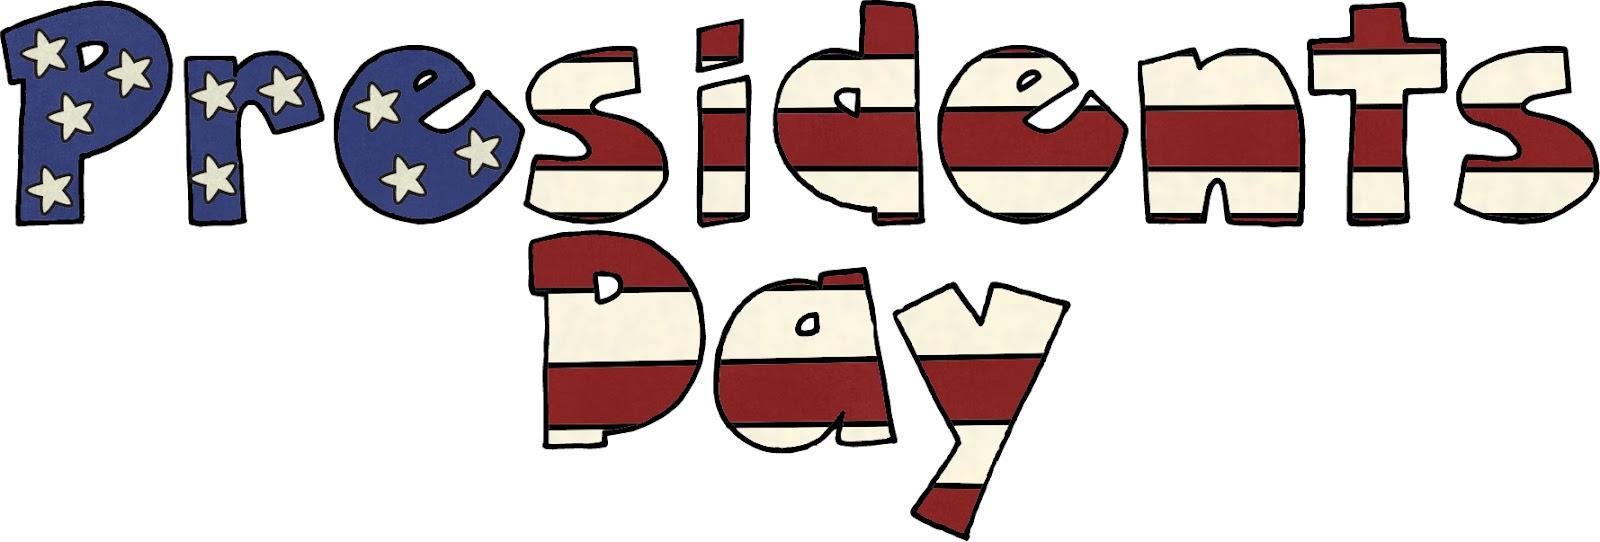 Happy Presidents Day Presidentsday